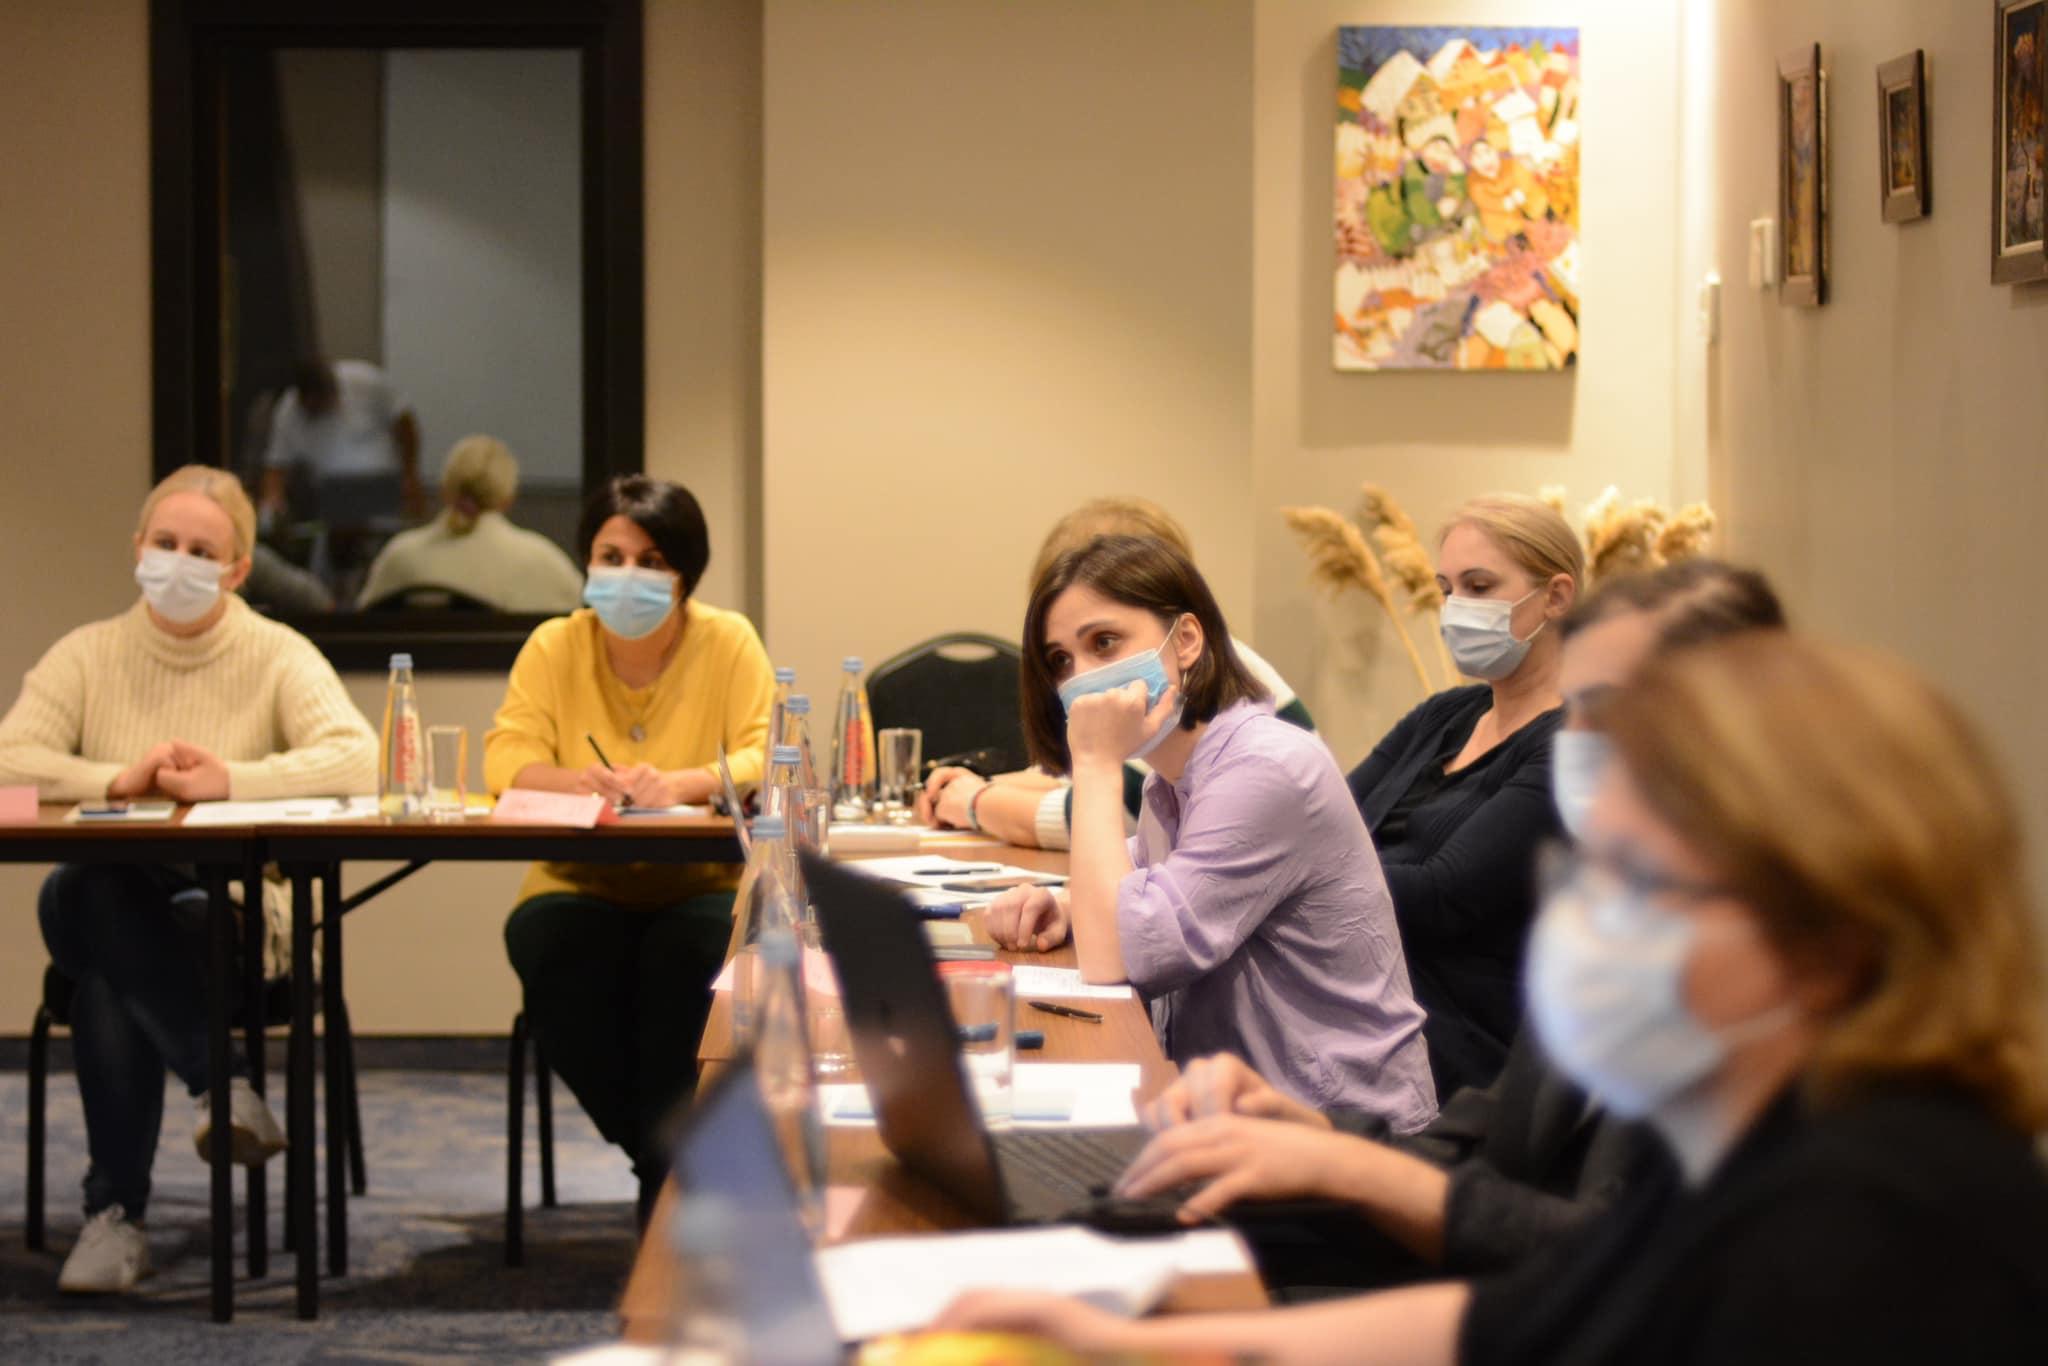 სამუშაო შეხვედრა: ორგანიზაციის სტრატეგიული განვითარება